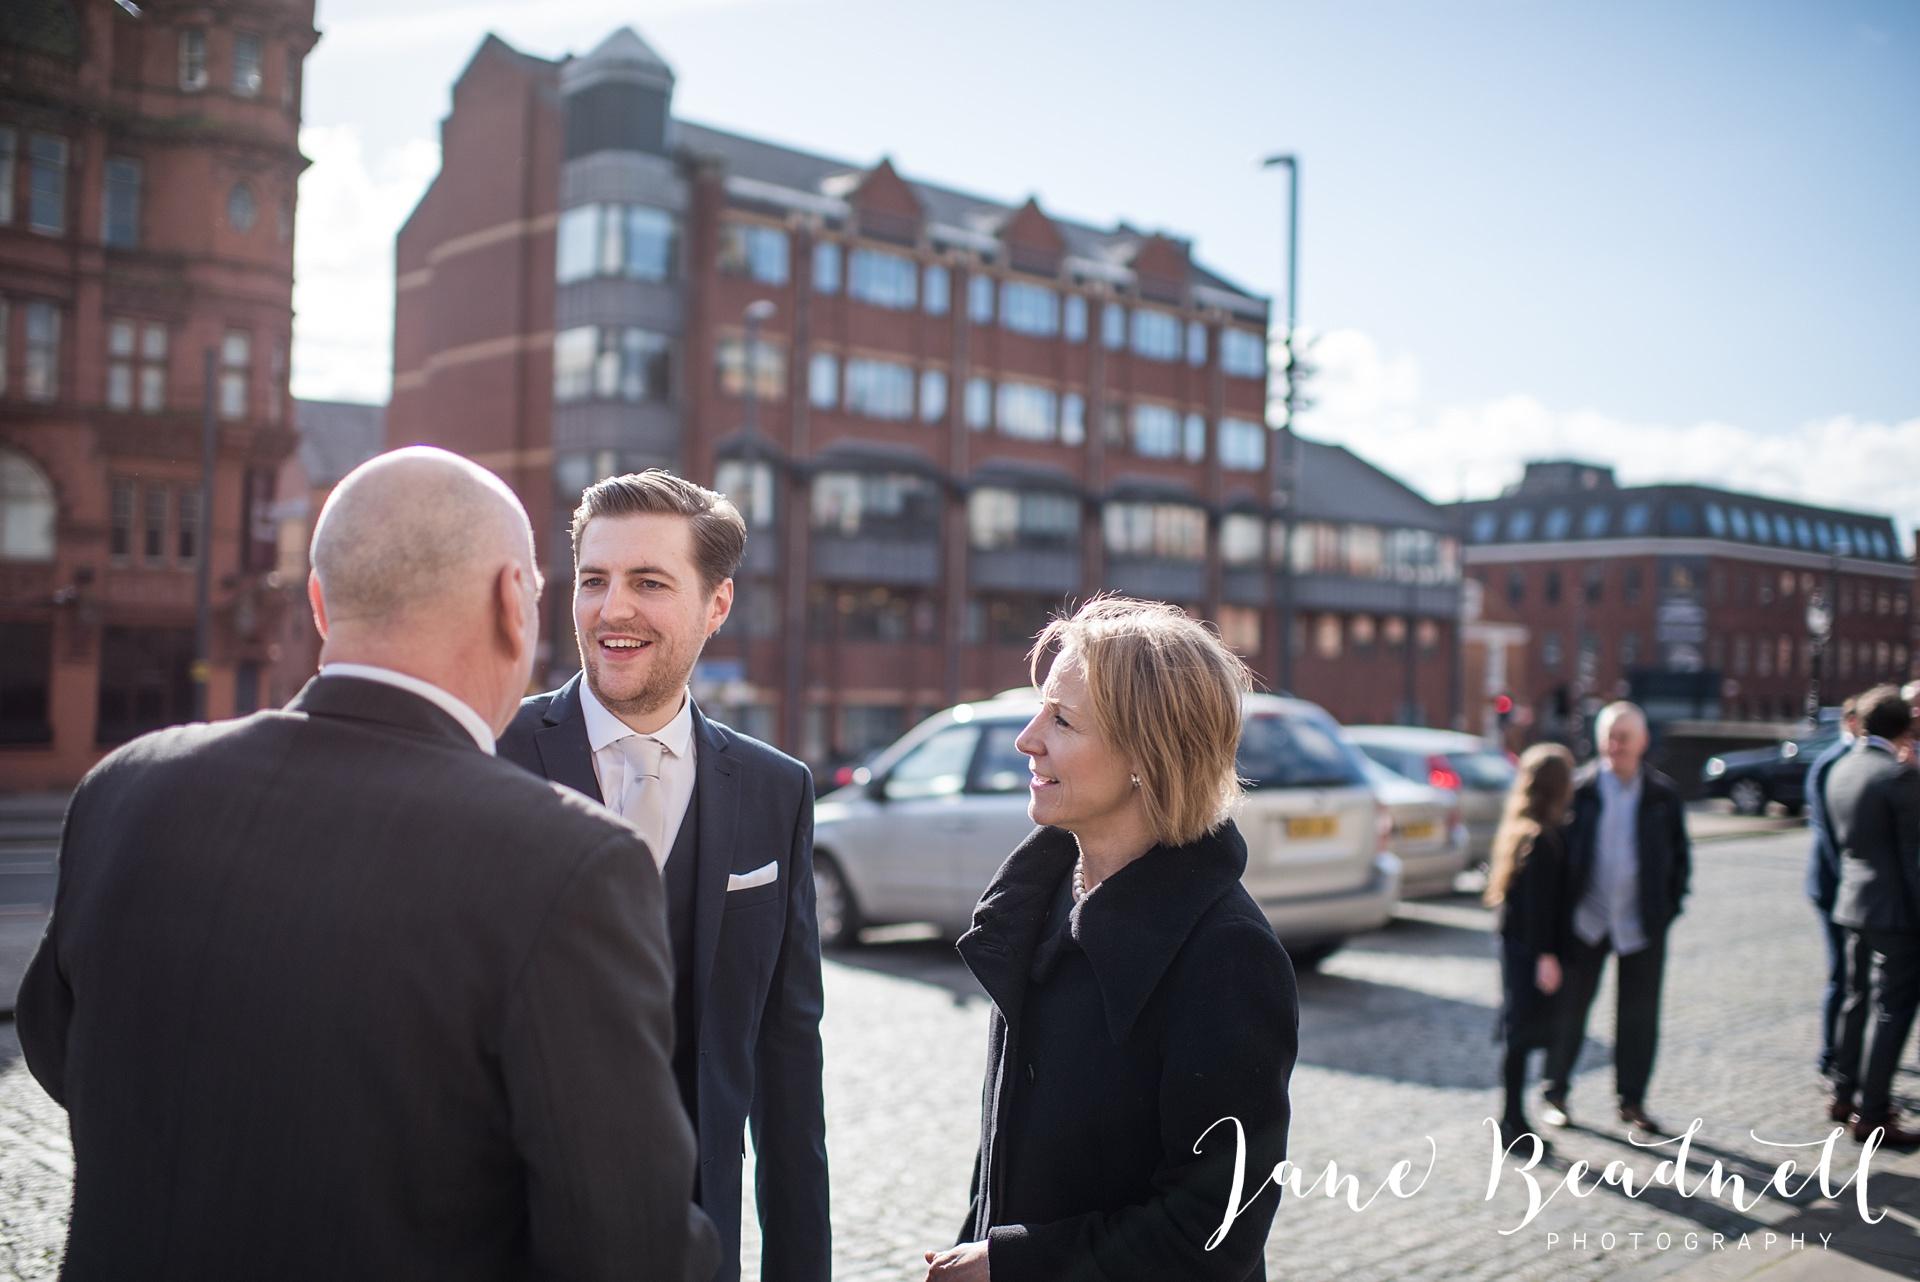 Wedding photography Cross Keys Leeds Wedding Jane Beadnell Photography_0010